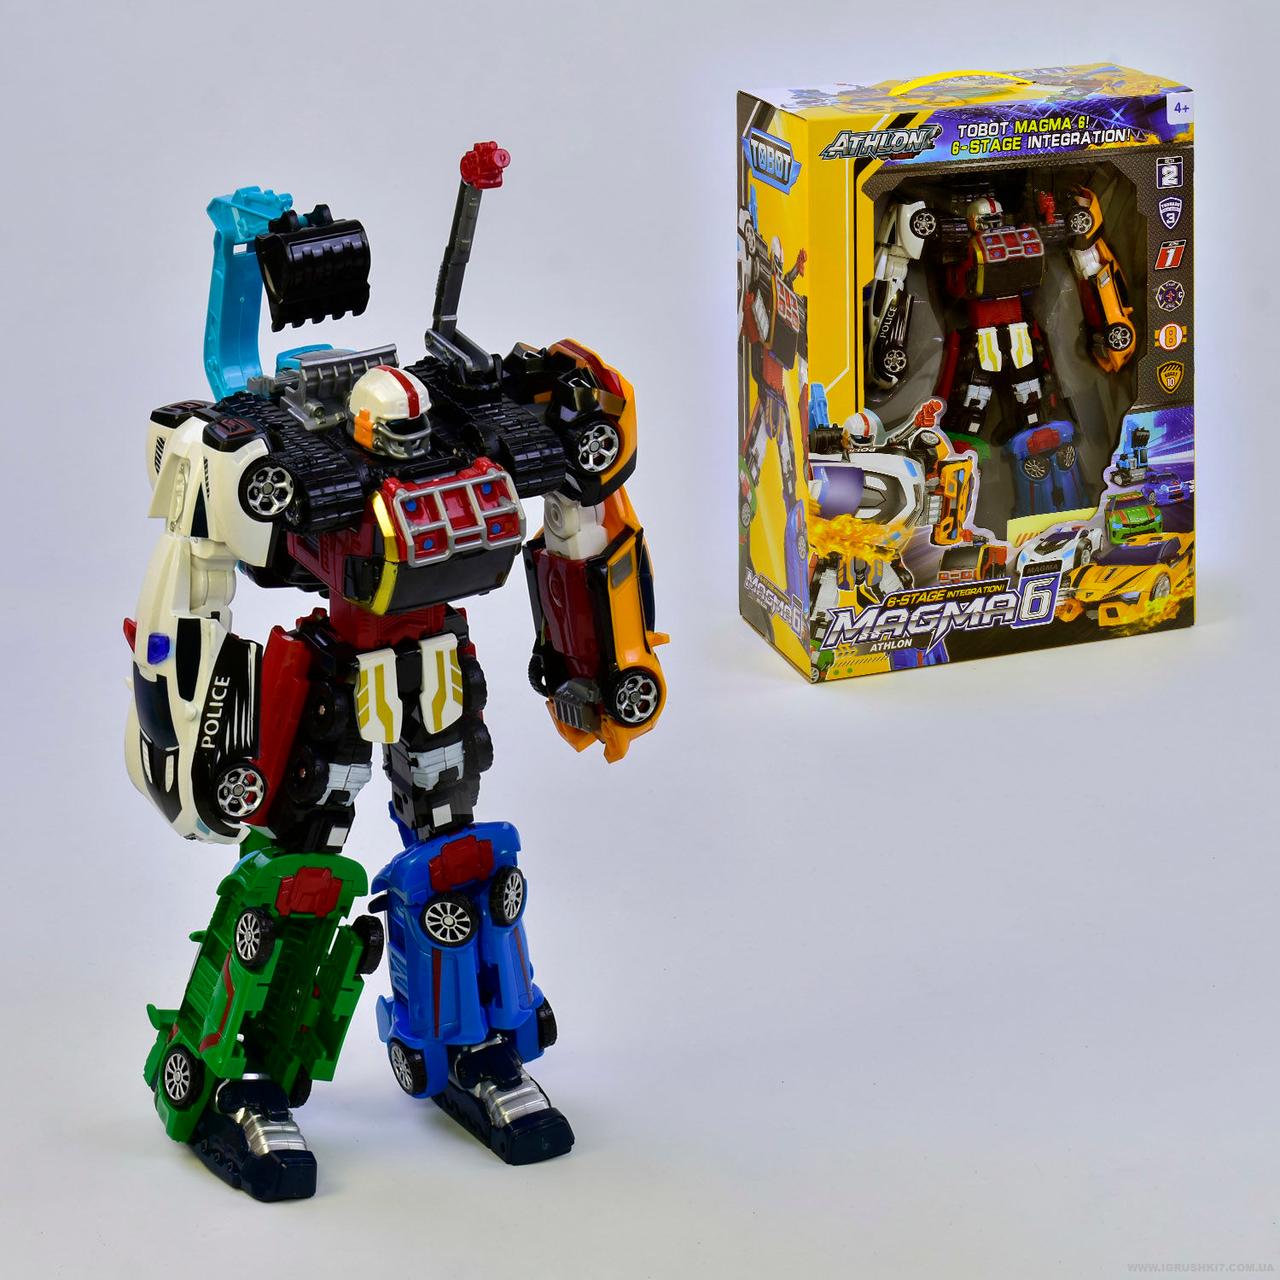 Робот-трансформер 523, 6 машинок, в коробке